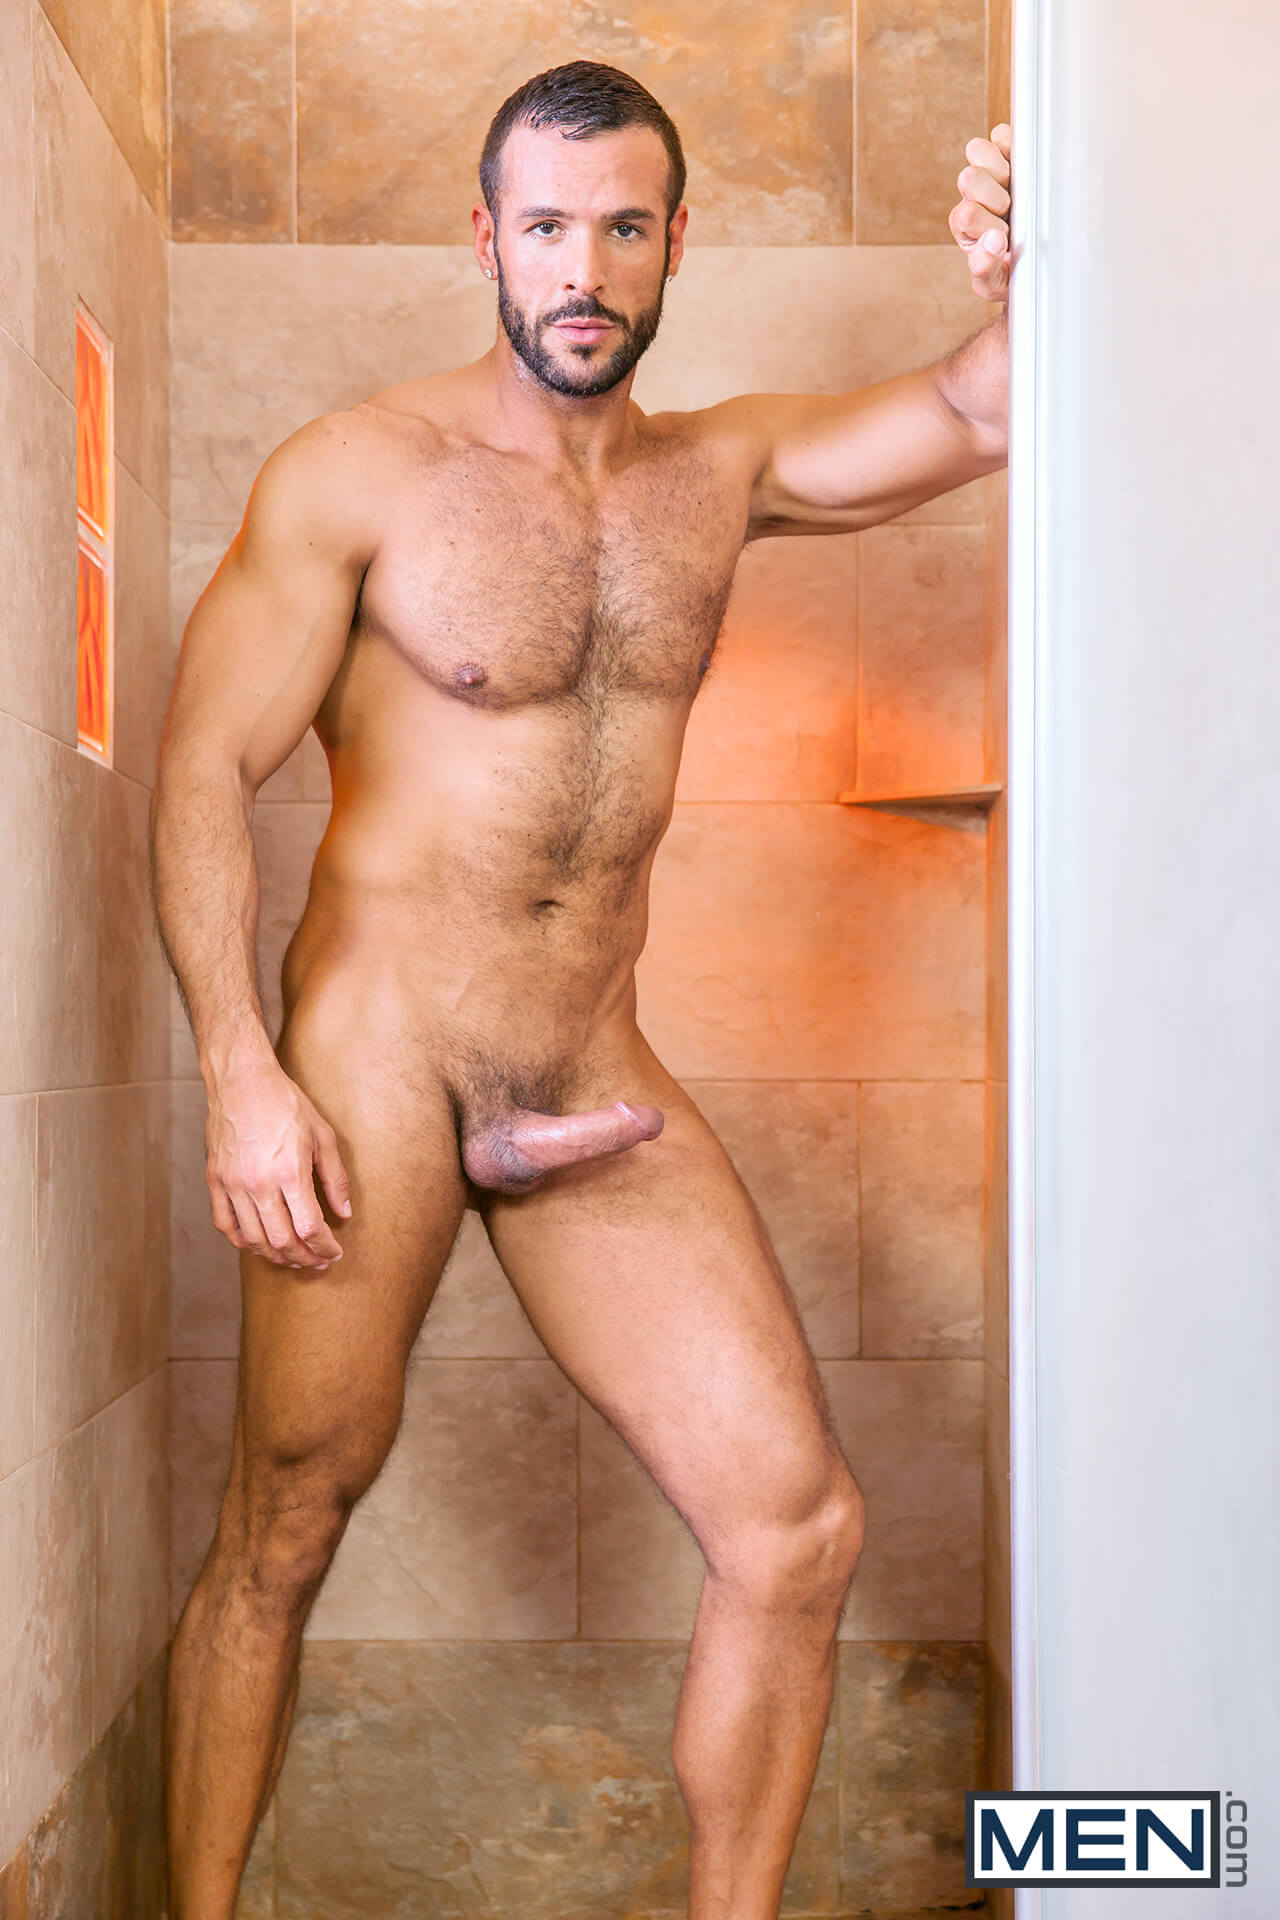 gays men.com sex hot